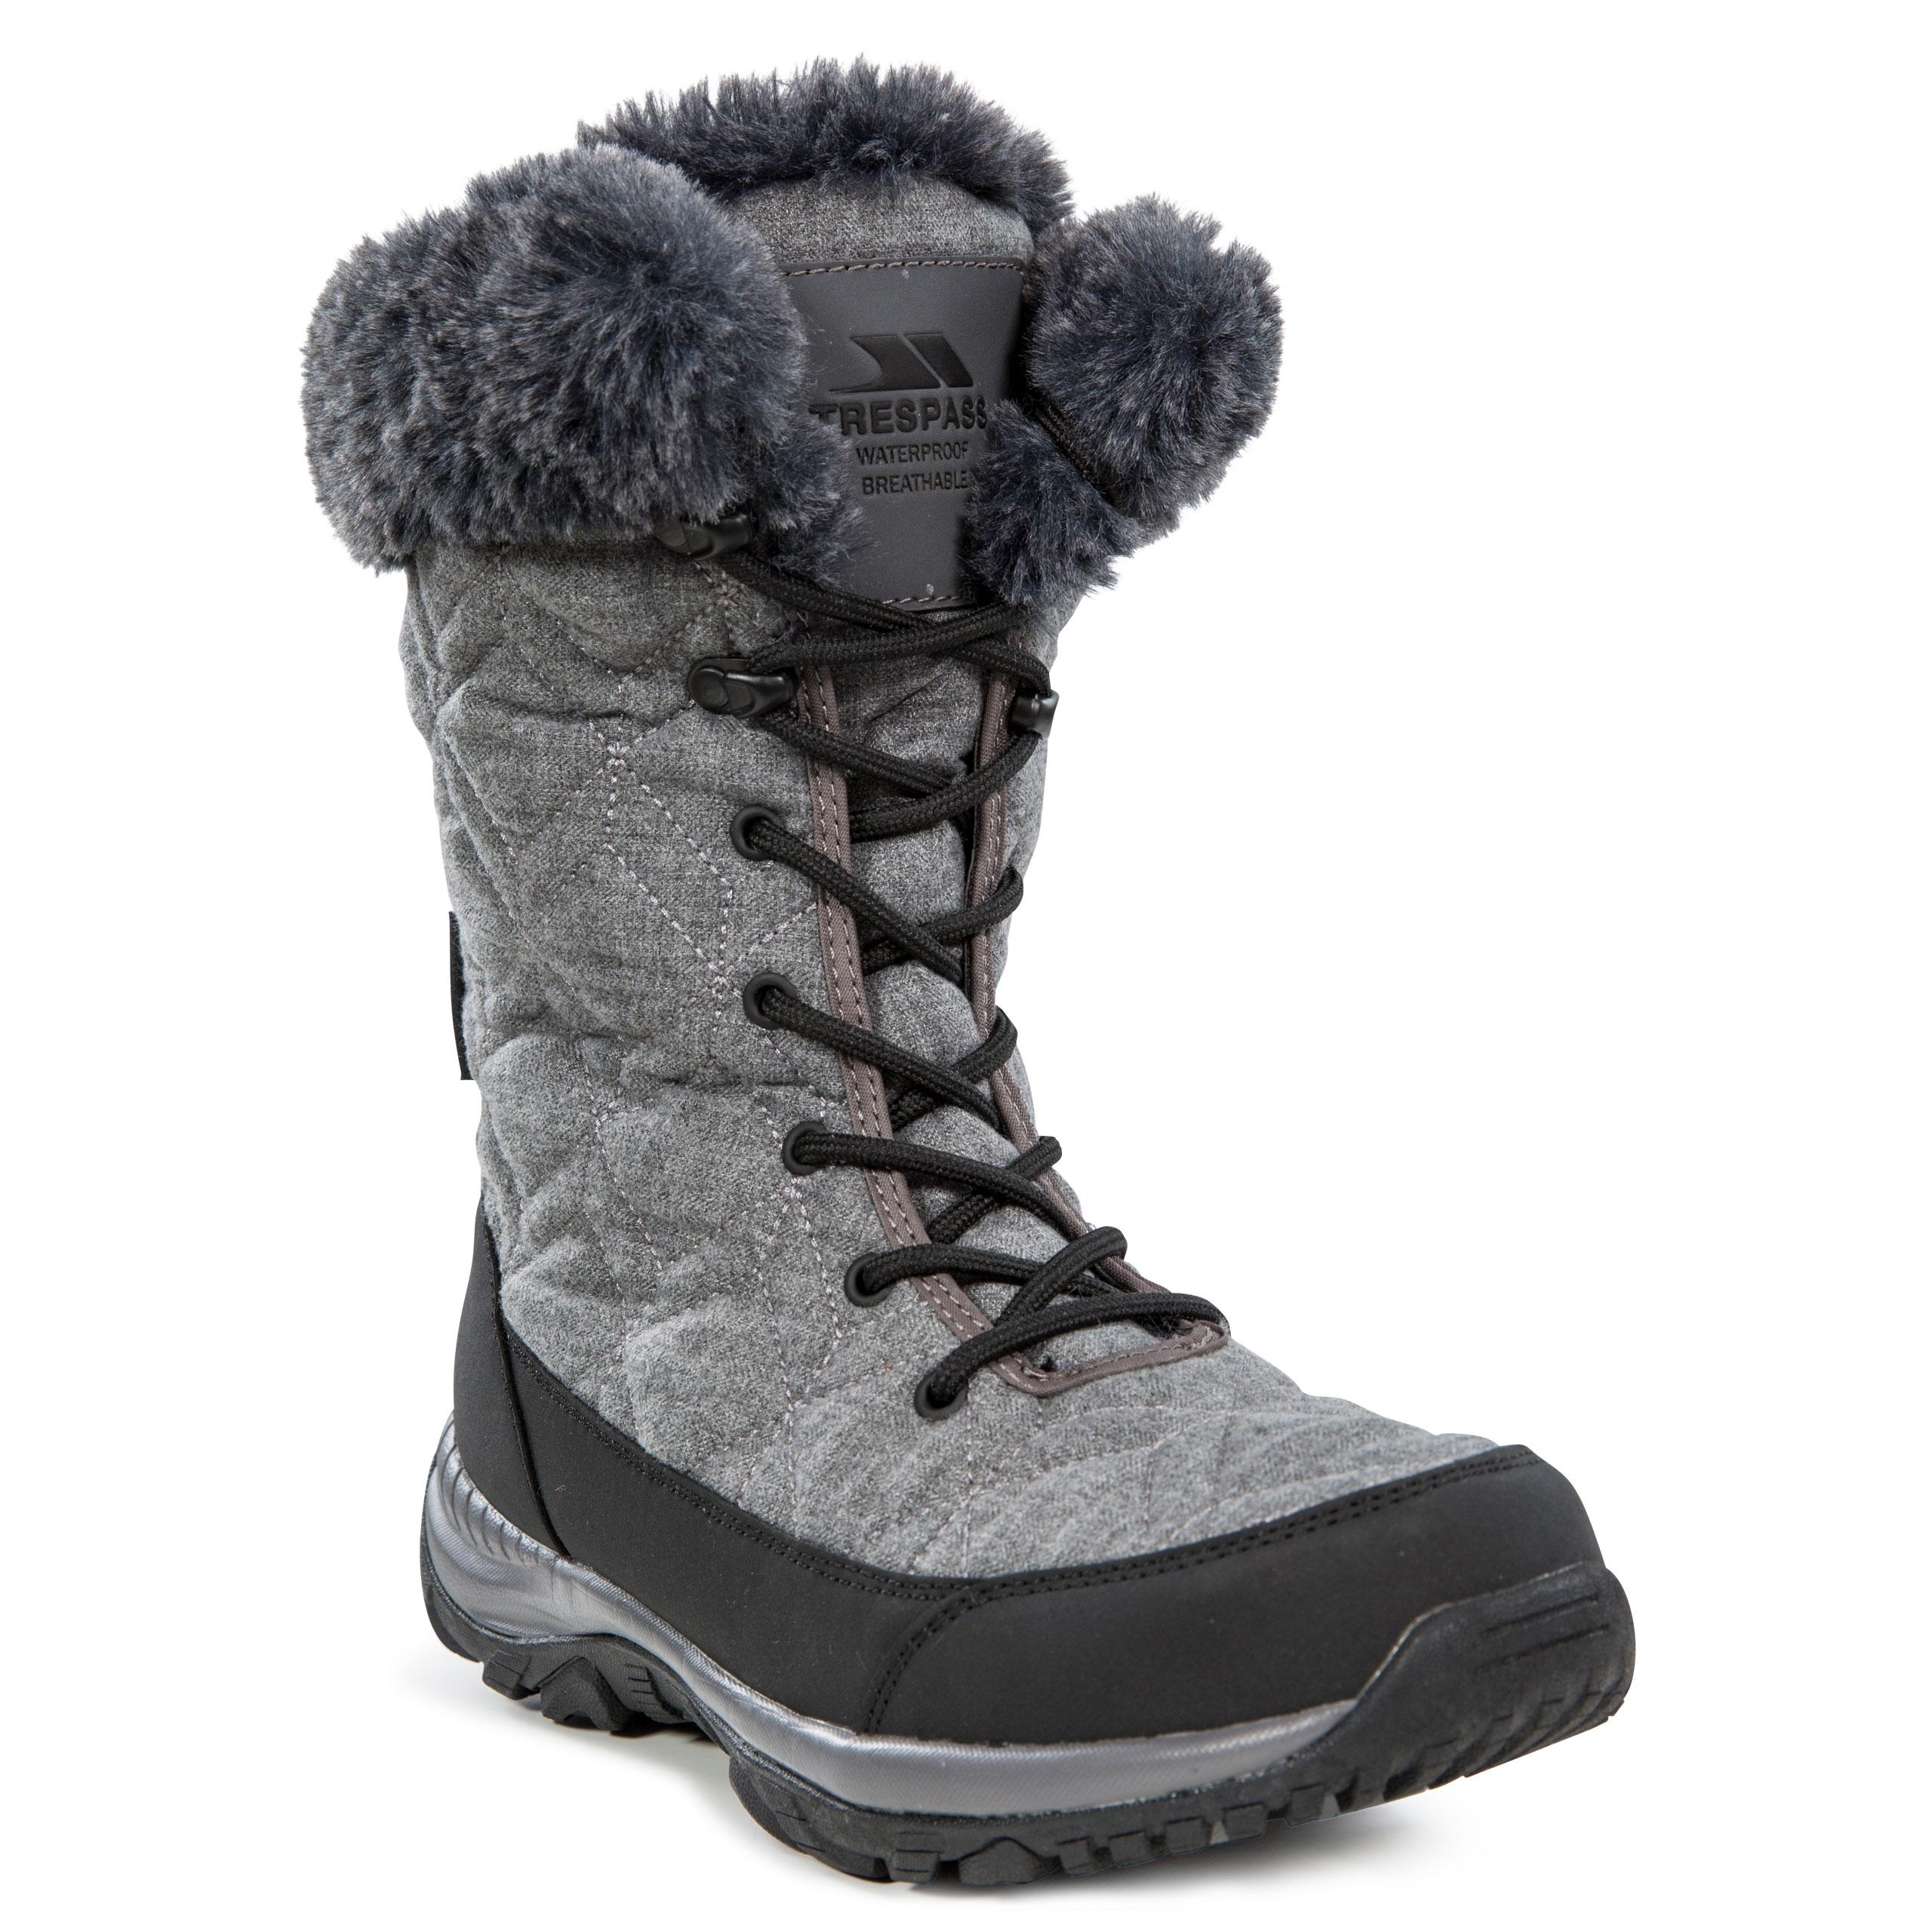 721e0f932bfa0 ESMAE - FEMALE SNOWBOOT | Trespass EU